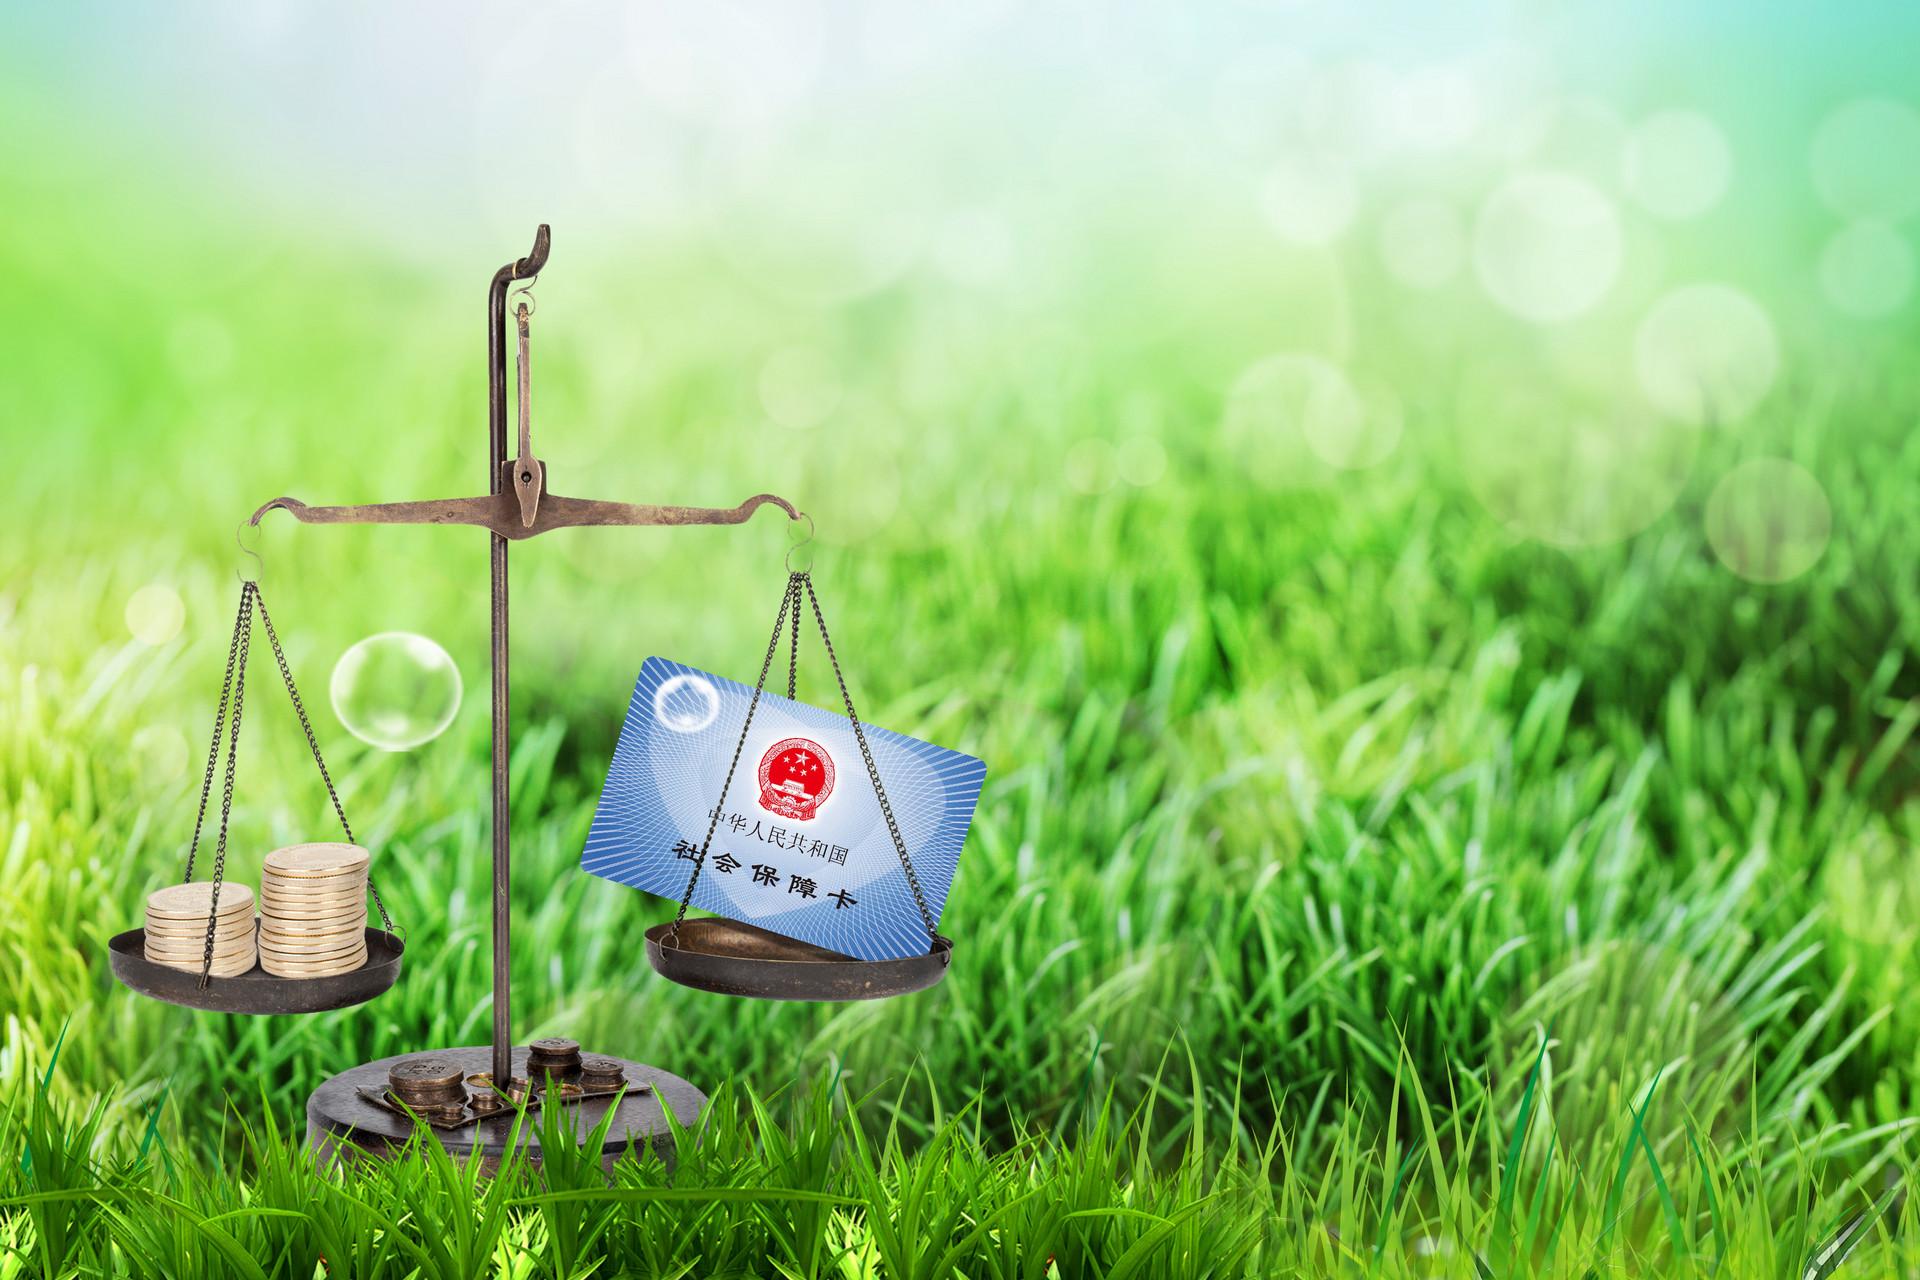 上海无业写手收入稳定 缴纳社保是否必要?